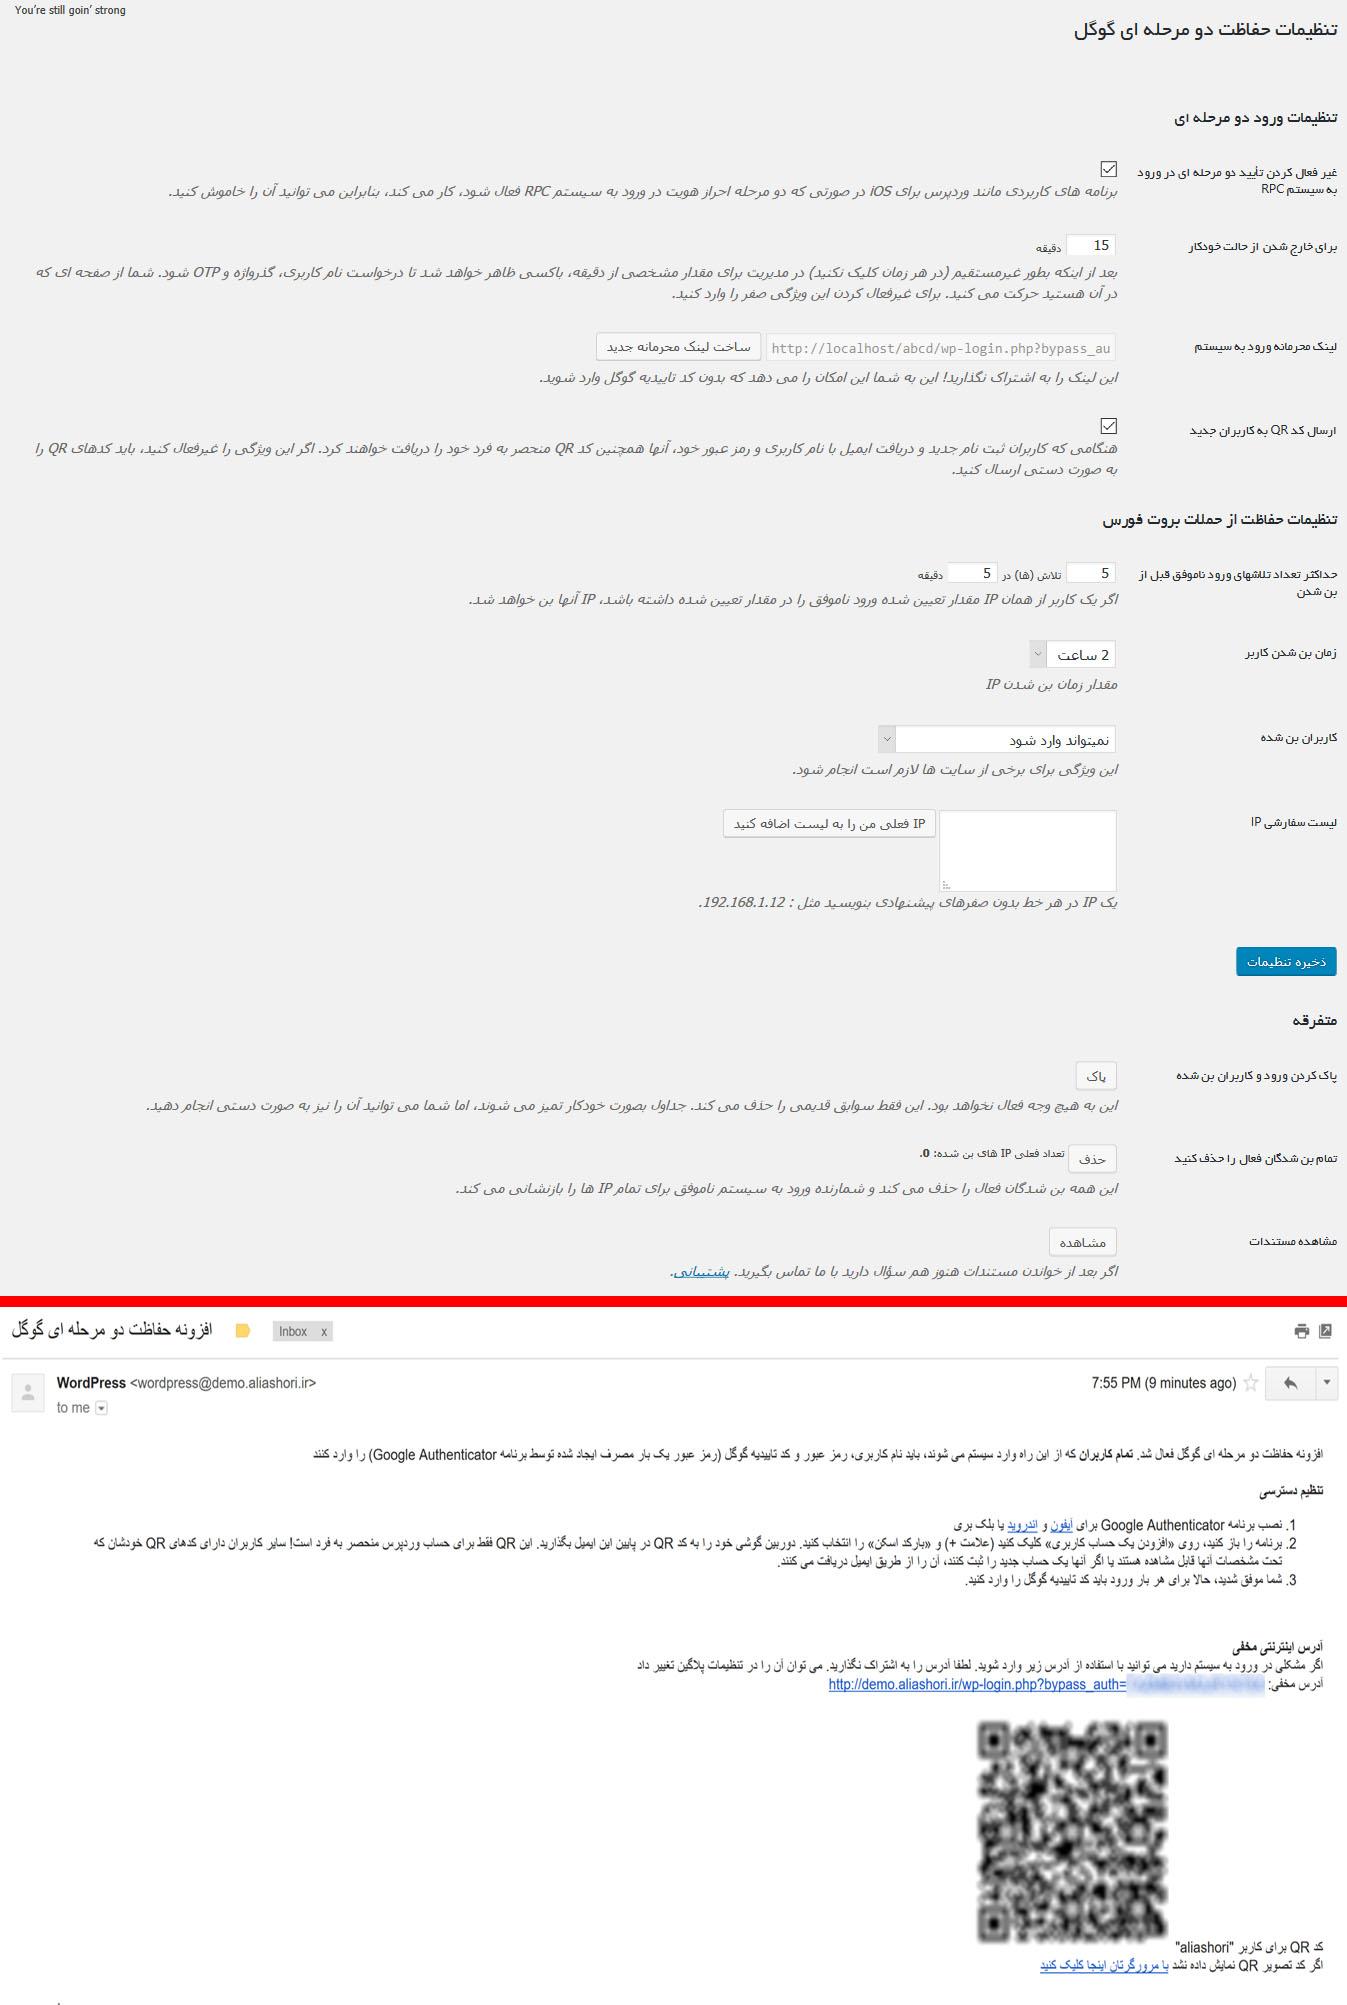 افزونه ورود دو مرحله ای برای وردپرس | 5sec Google Authenticator